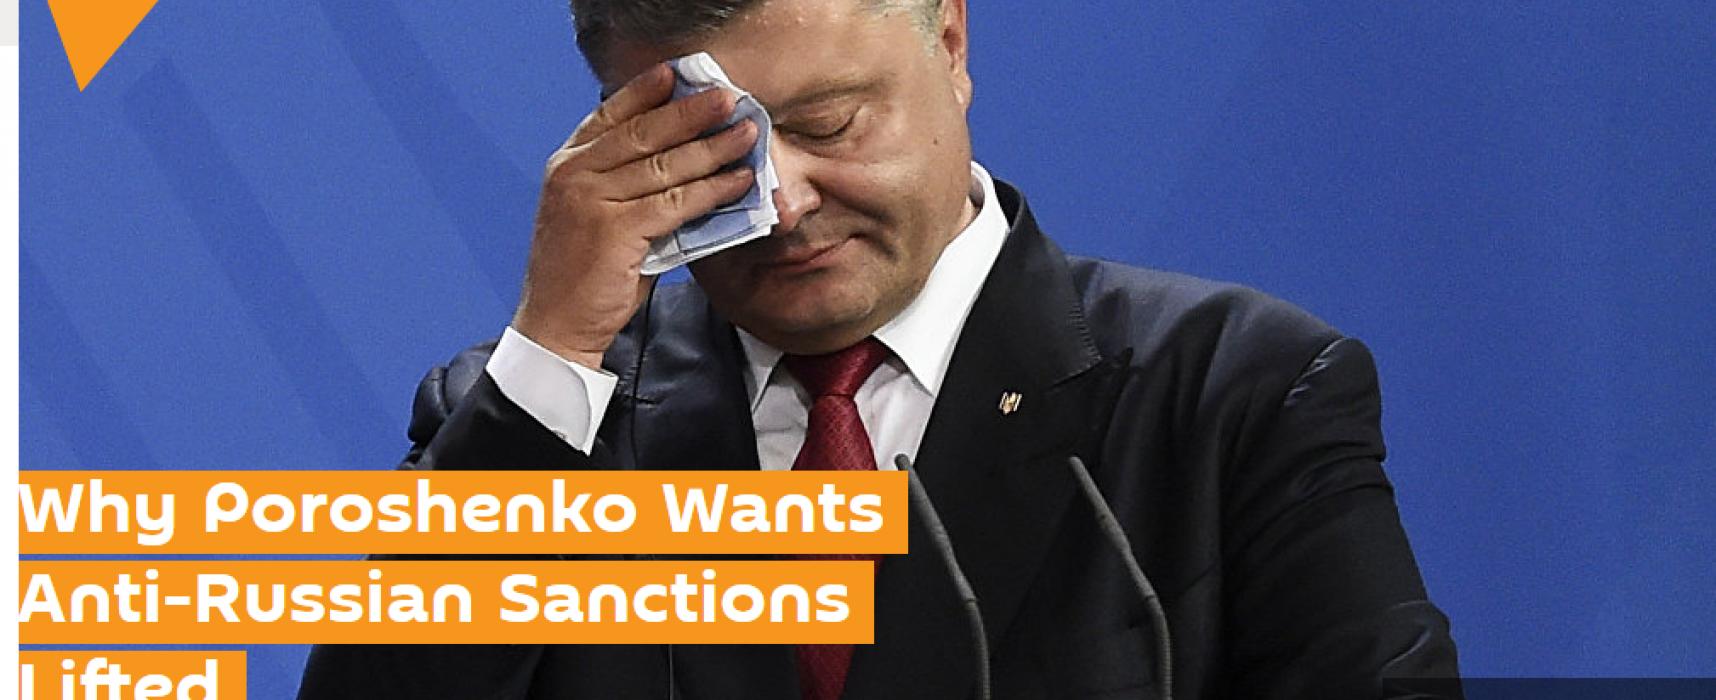 Фейк: Порошенко призывает отменить санкции против России